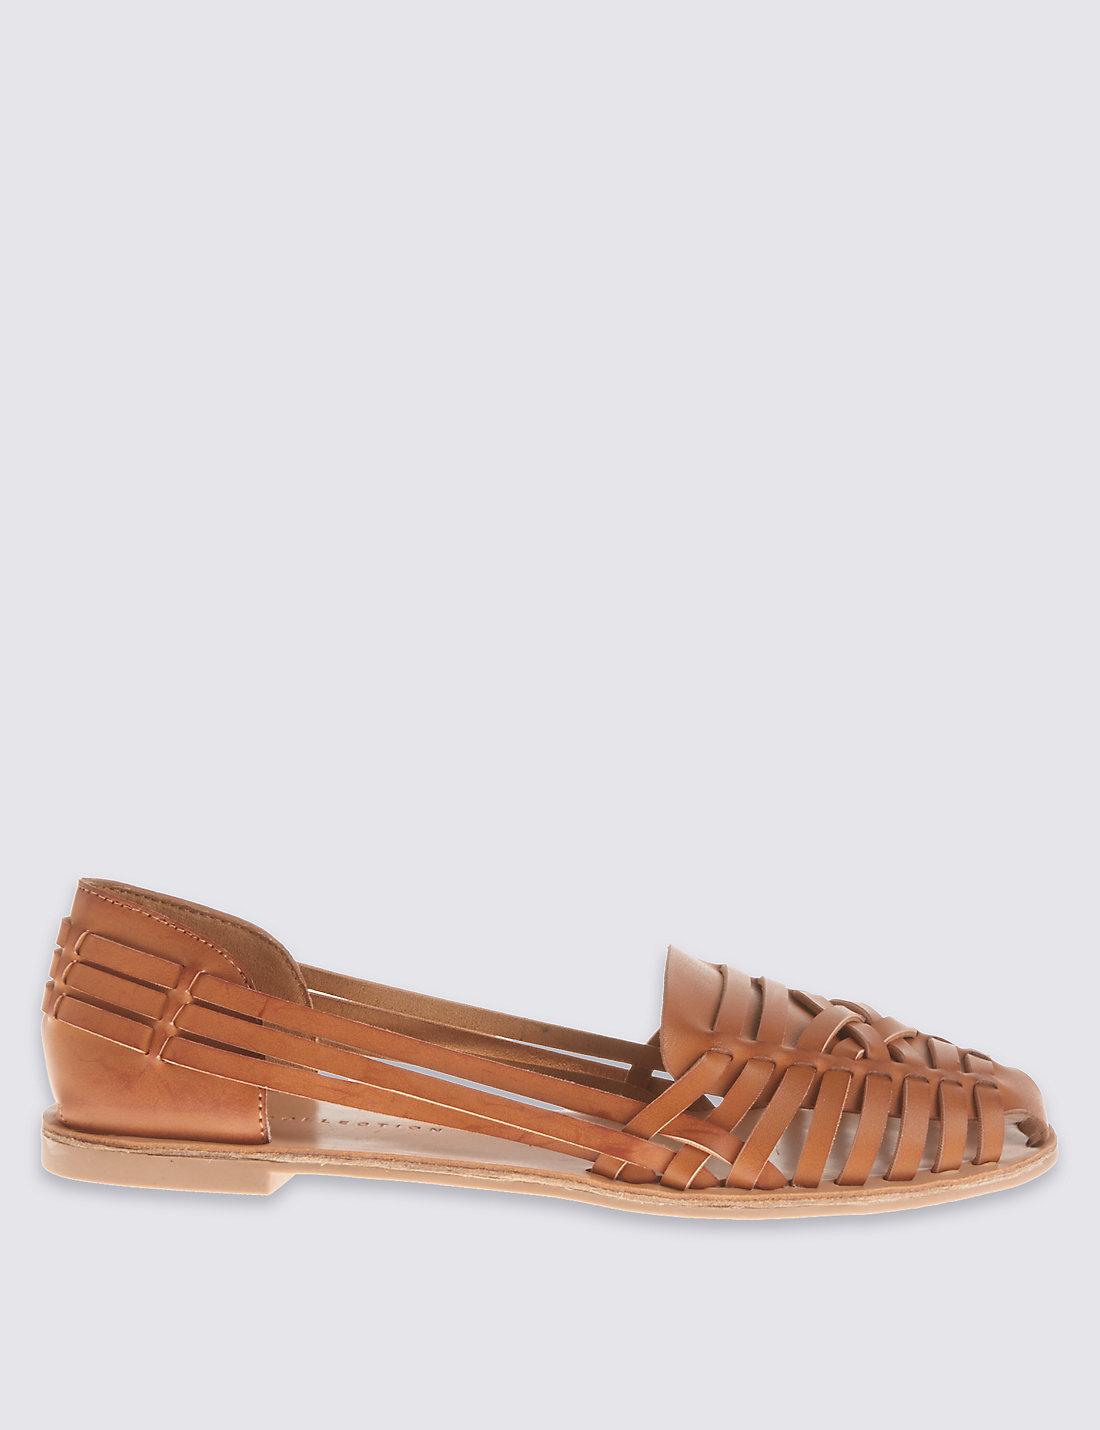 Flat sandals - Woven Flat Sandals